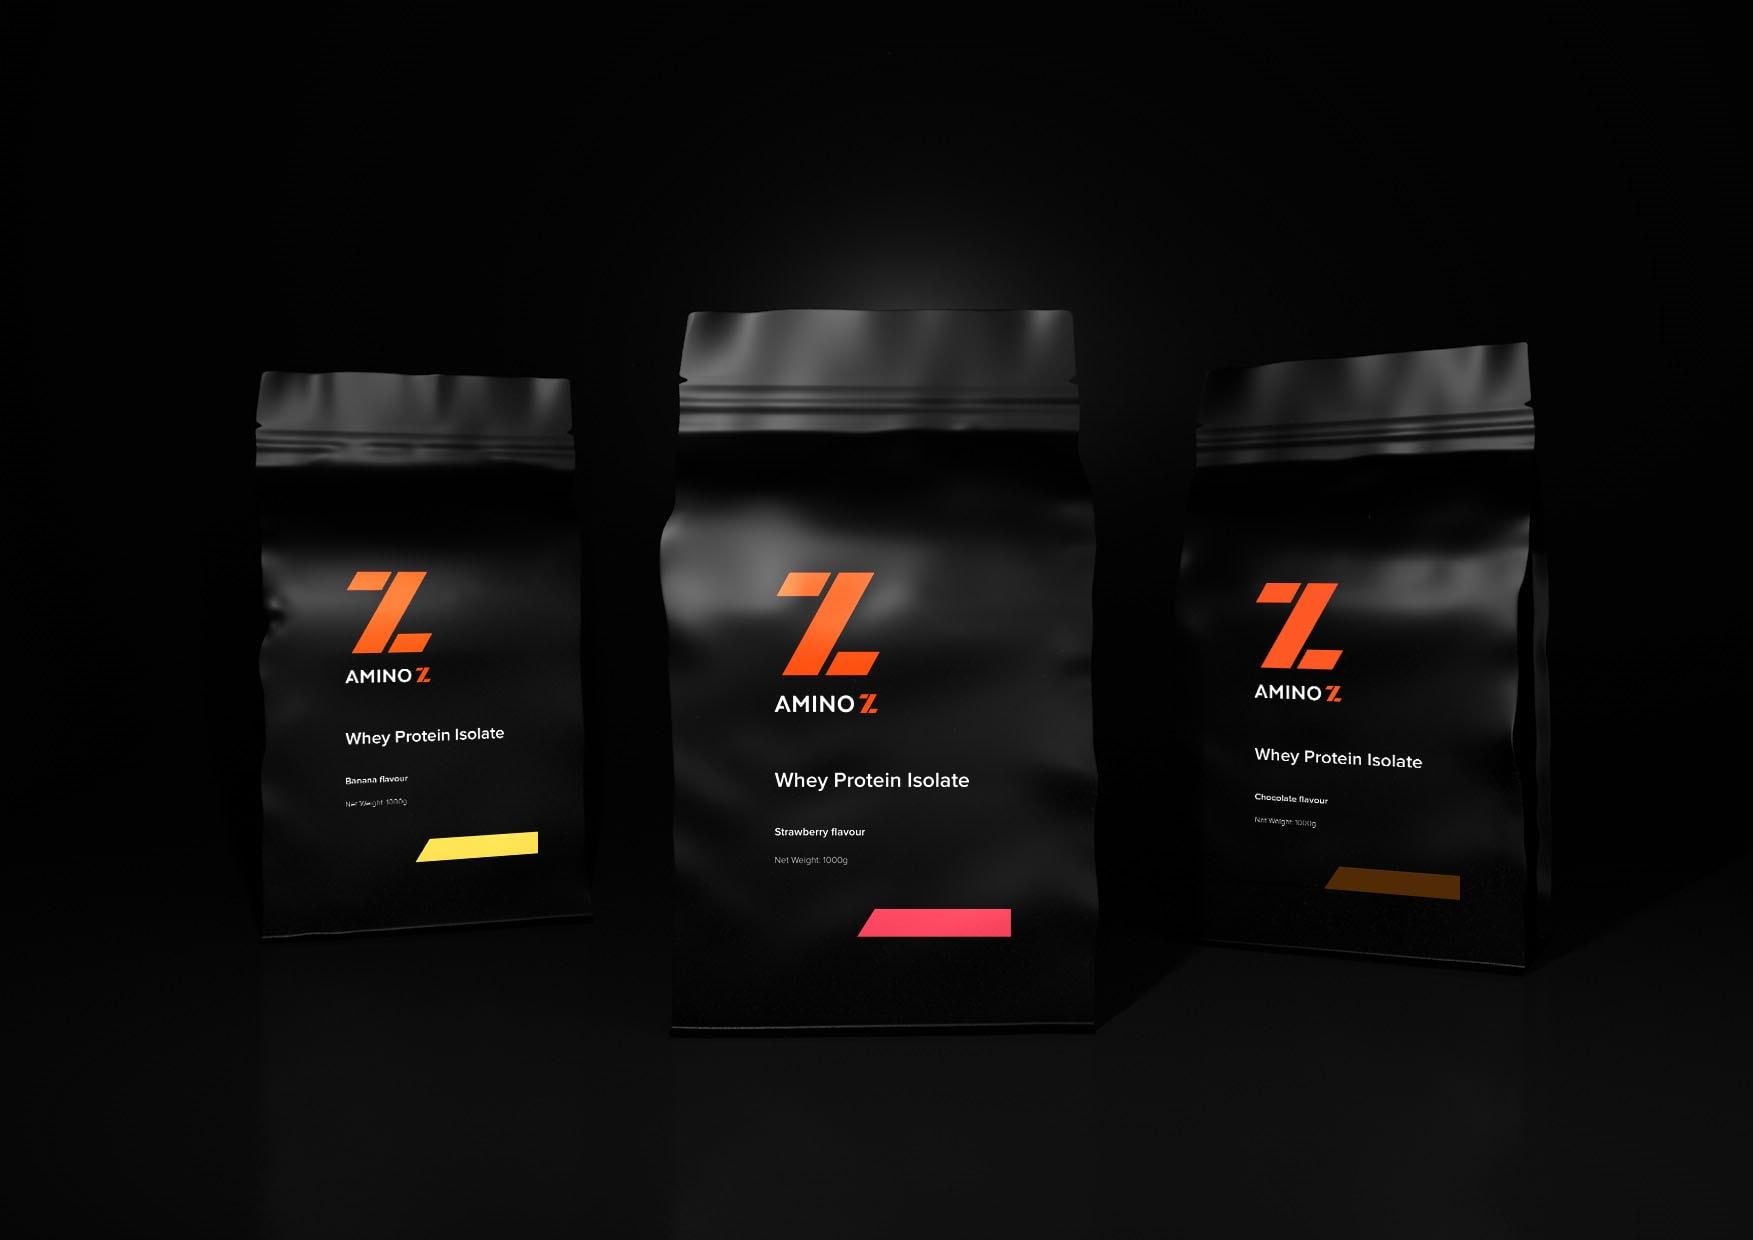 AminoZ-projektowanie-etykiet-opakowan-lodz-pictoo-lodz-warszawa-packaging-design-projektowanie-graficzne